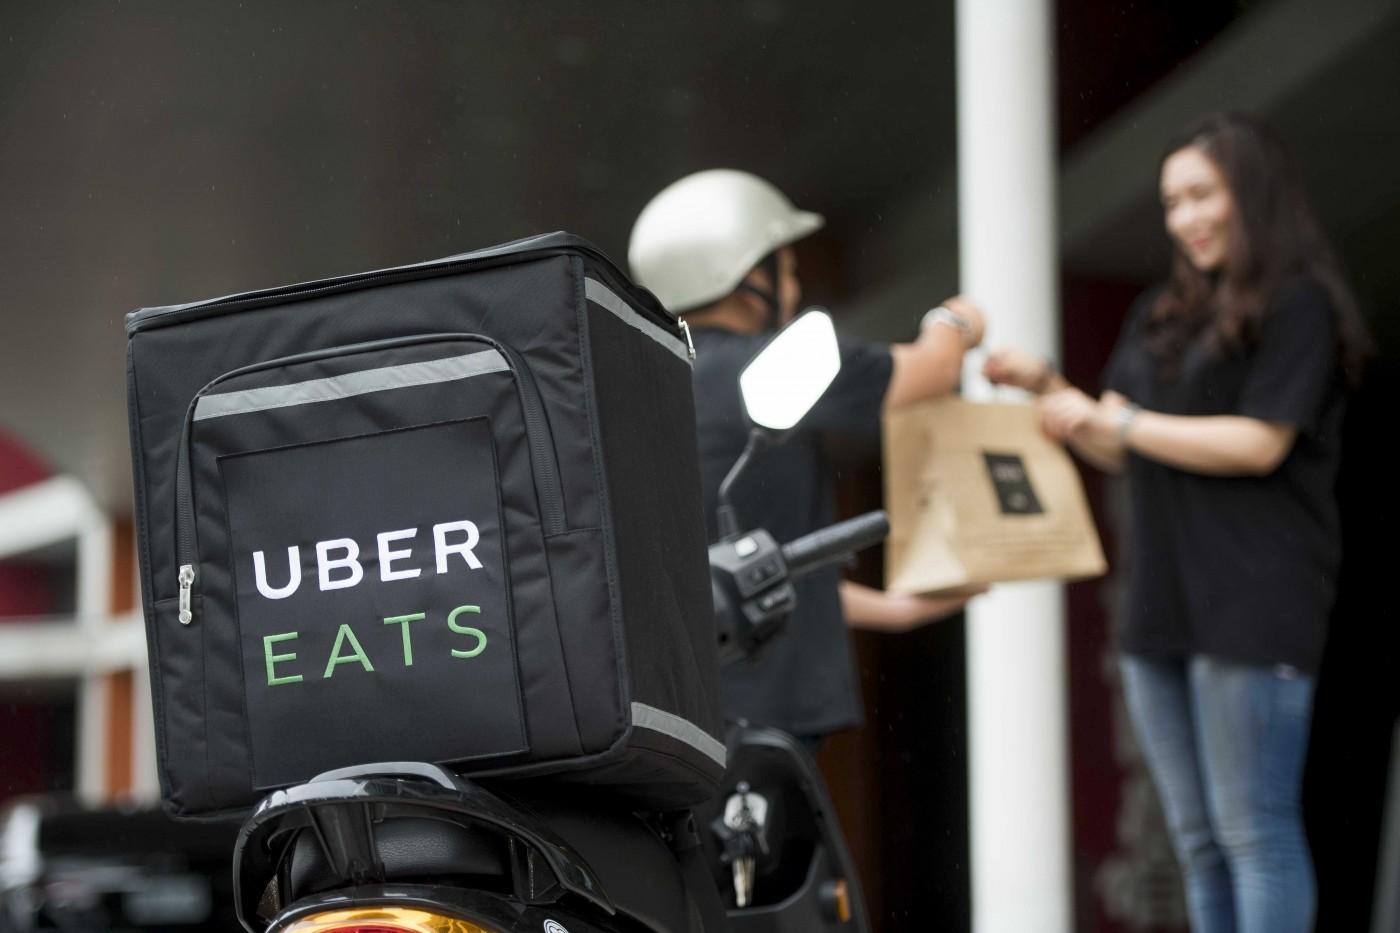 防疫宅在家,點餐找哪家最划算?4大美食外送平台手續費、優惠與服務一次看